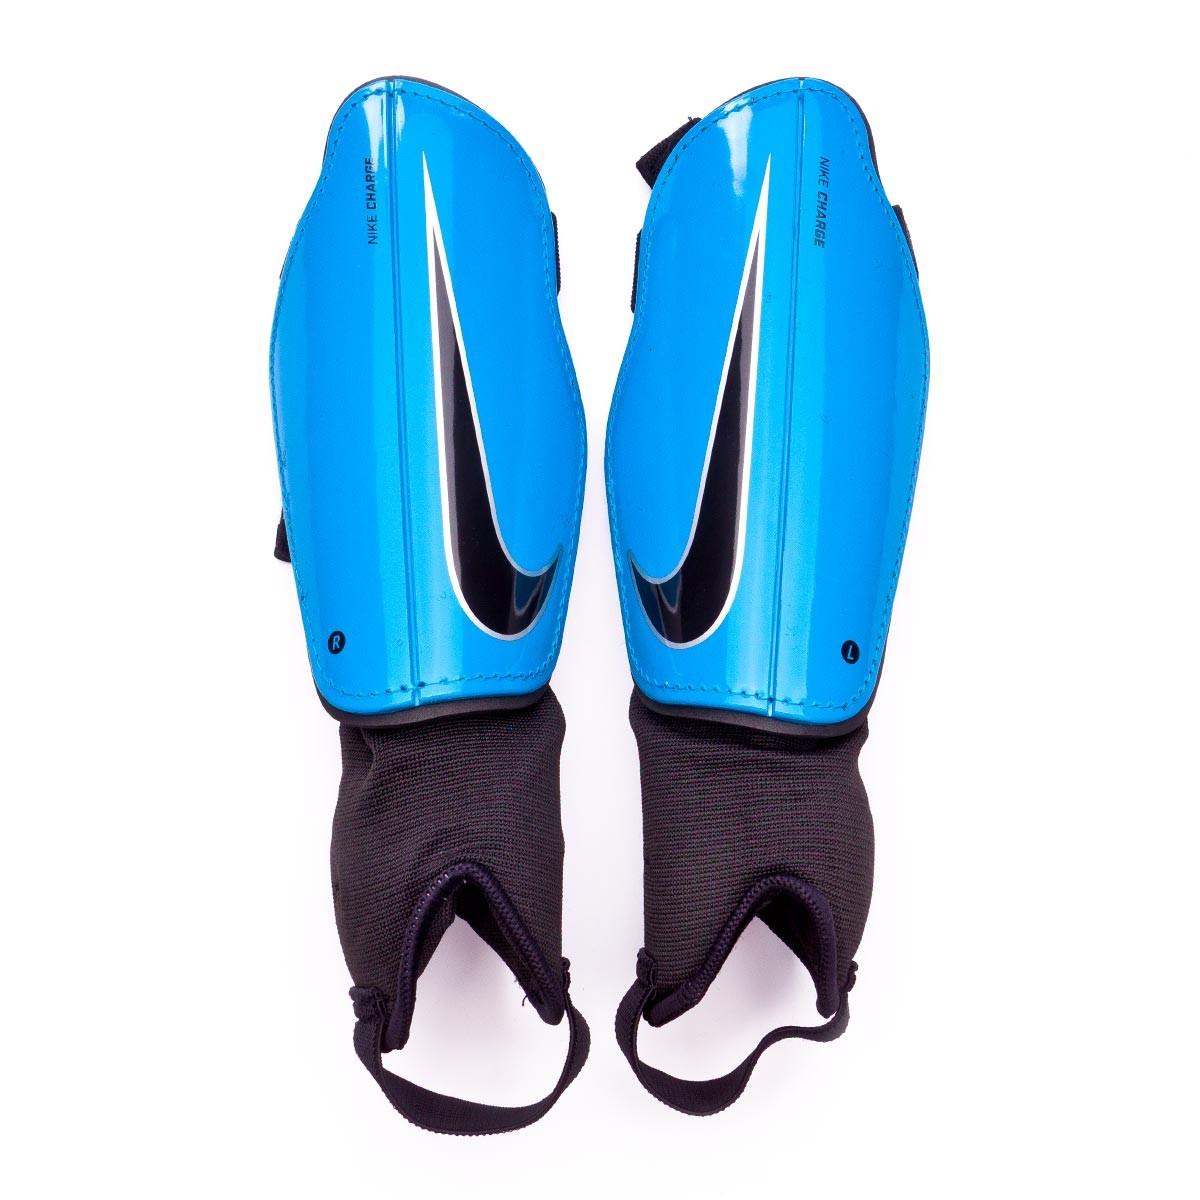 e80297560b6f5 Espinillera Nike Charge Football Niño Cyan-Silver-Black - Tienda de fútbol  Fútbol Emotion